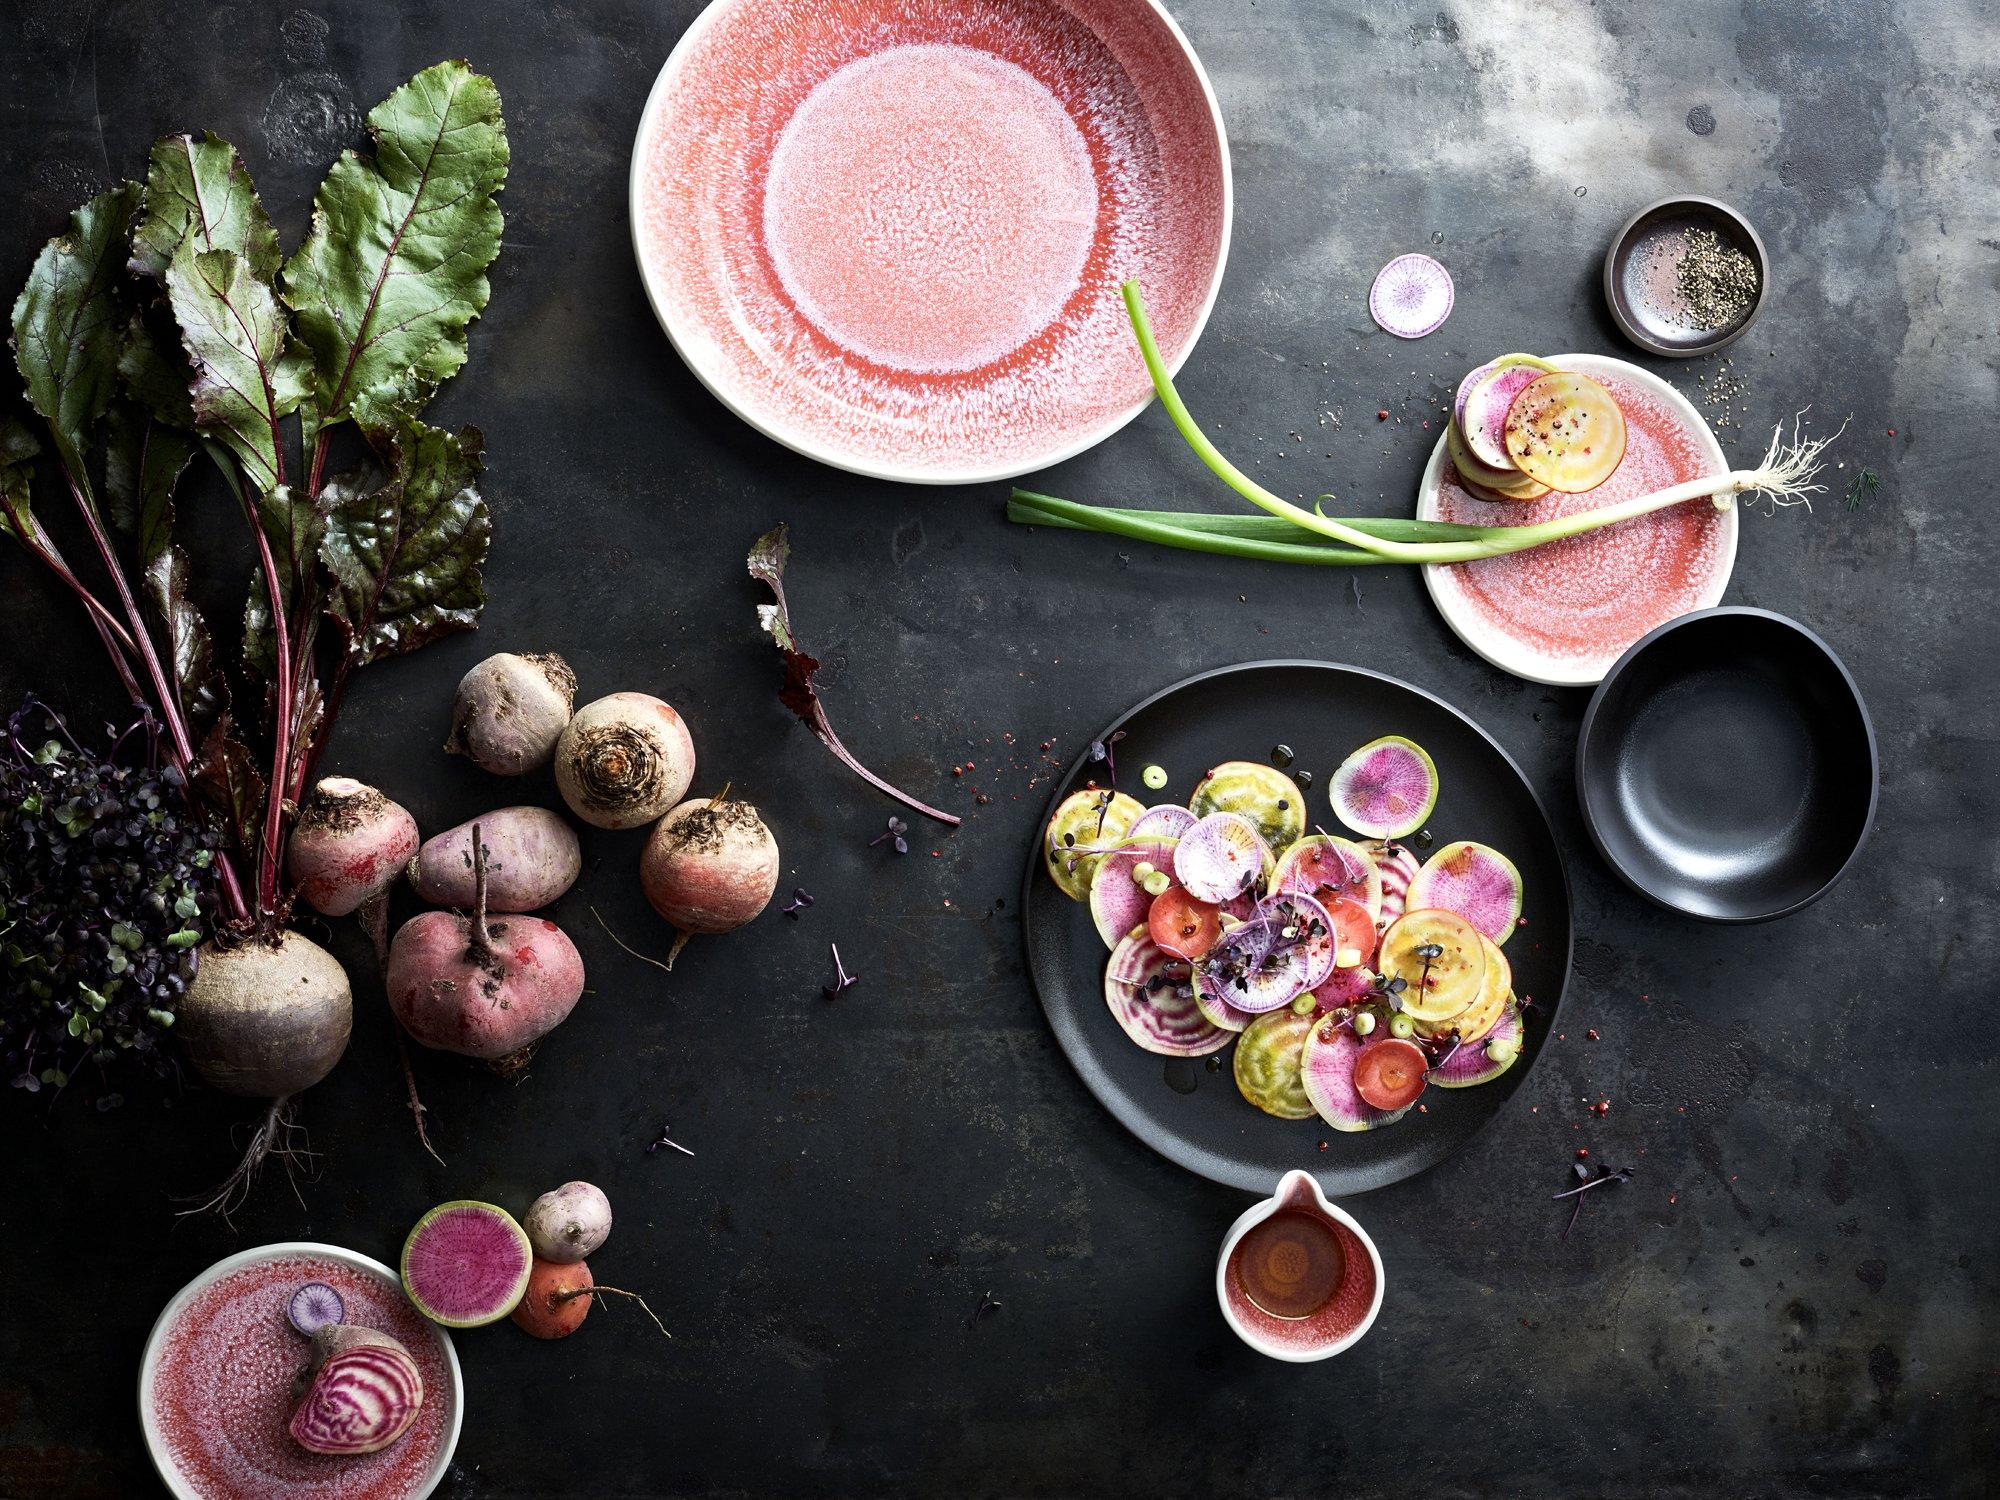 Trend #3: Nude- und Pastelltöne + kräftige FarbenKollektion Junto im neuen Farbton Rose Quartz, Rosenthal. Foto/ Copyright: Hersteller